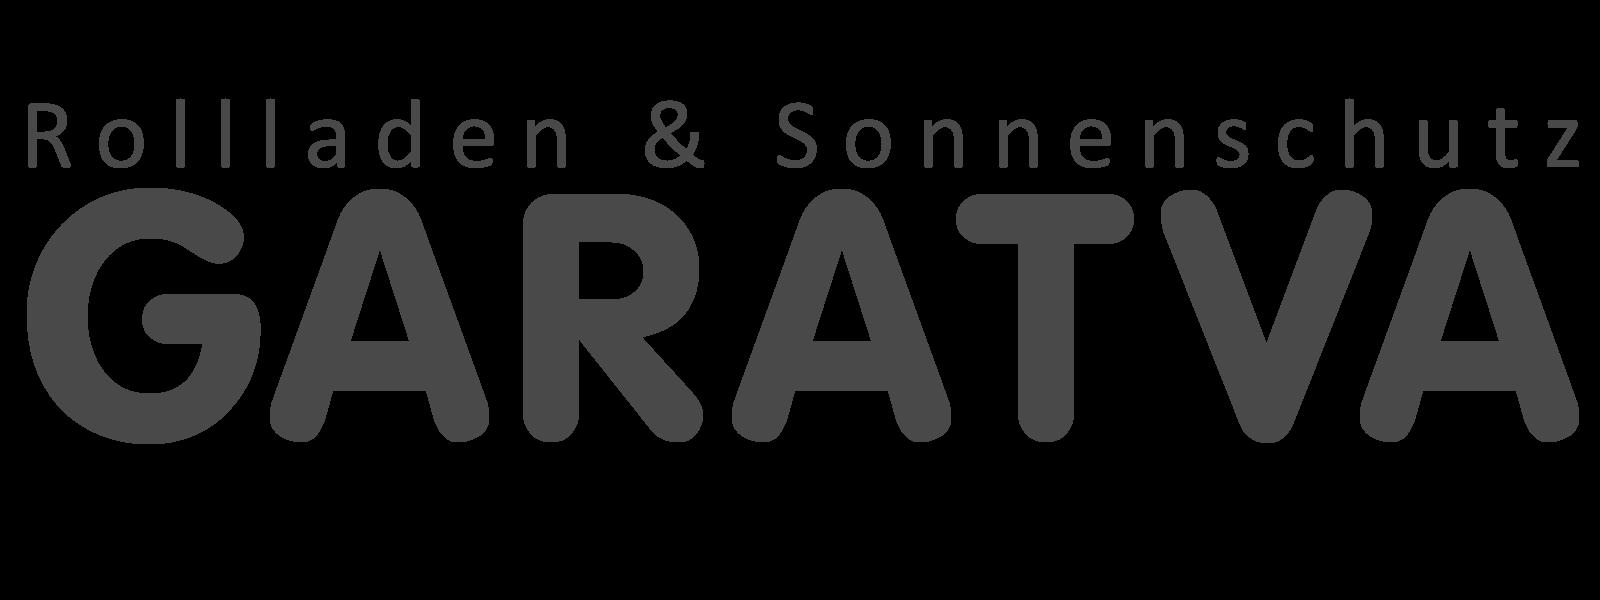 Rollladen & Sonnenschutz GARATVA